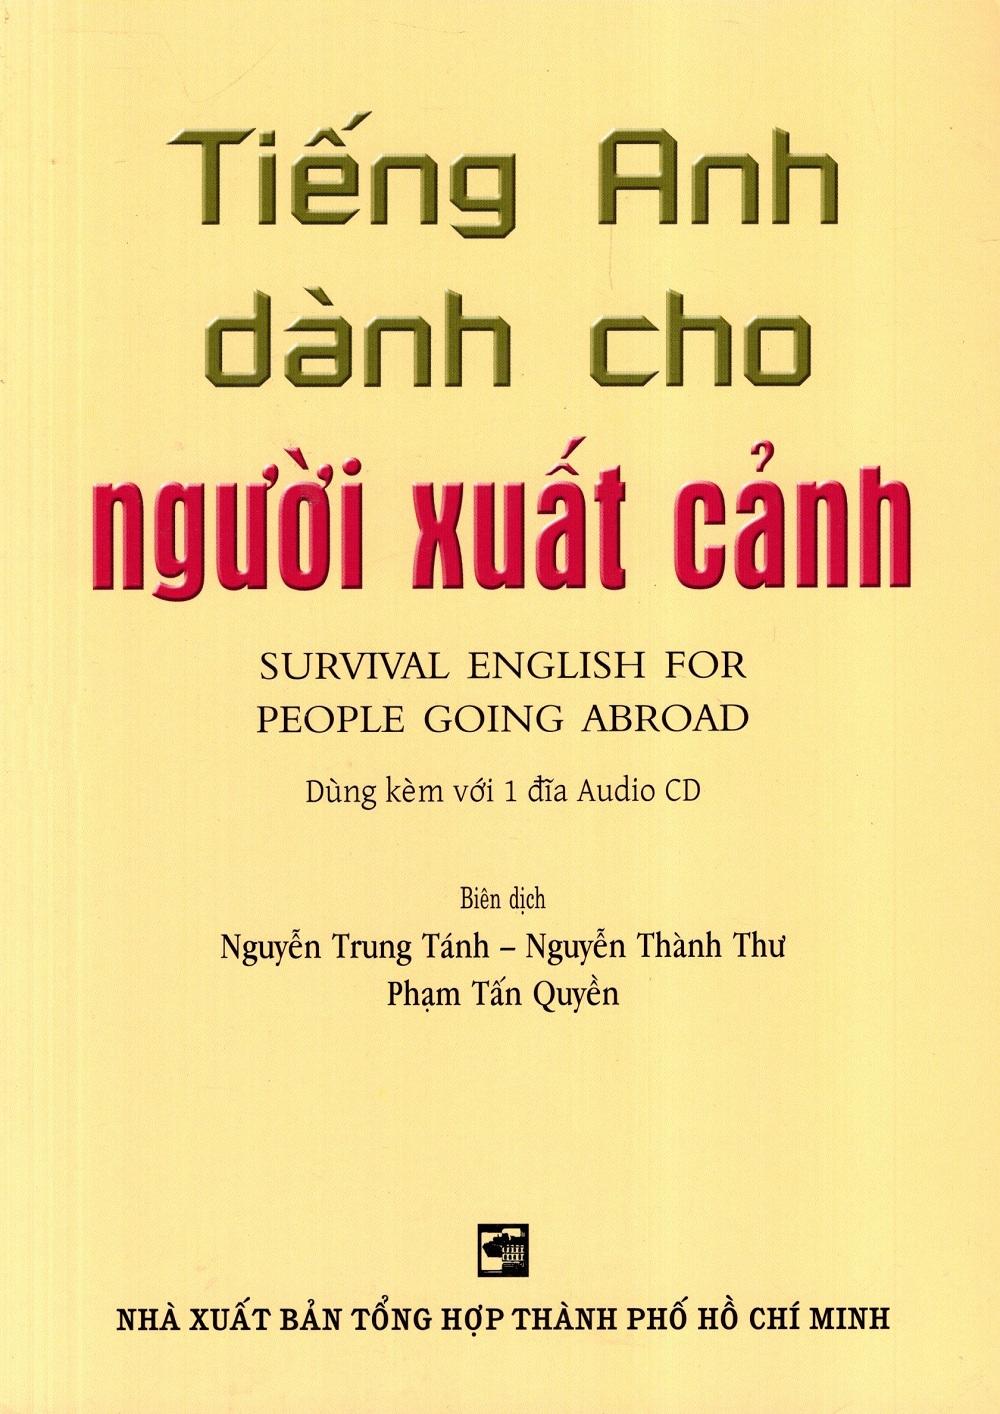 Tiếng Anh Dành Cho Người Xuất Cảnh - Kèm CD